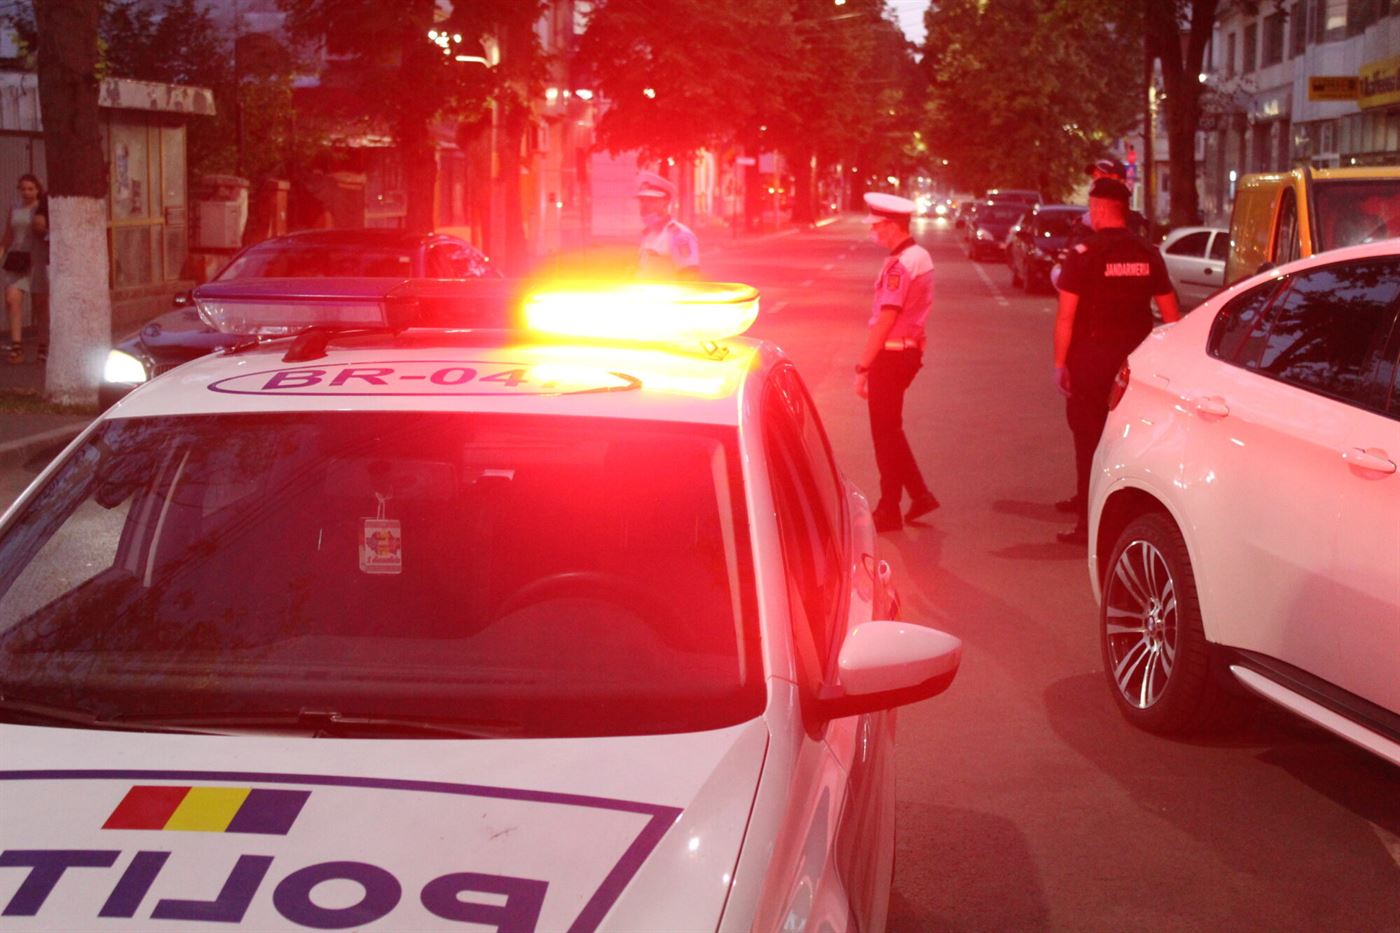 Polițiștii au verificat 35 de societăți comerciale, au legitimat 179 de persoane și au controlat 263 de vehicule